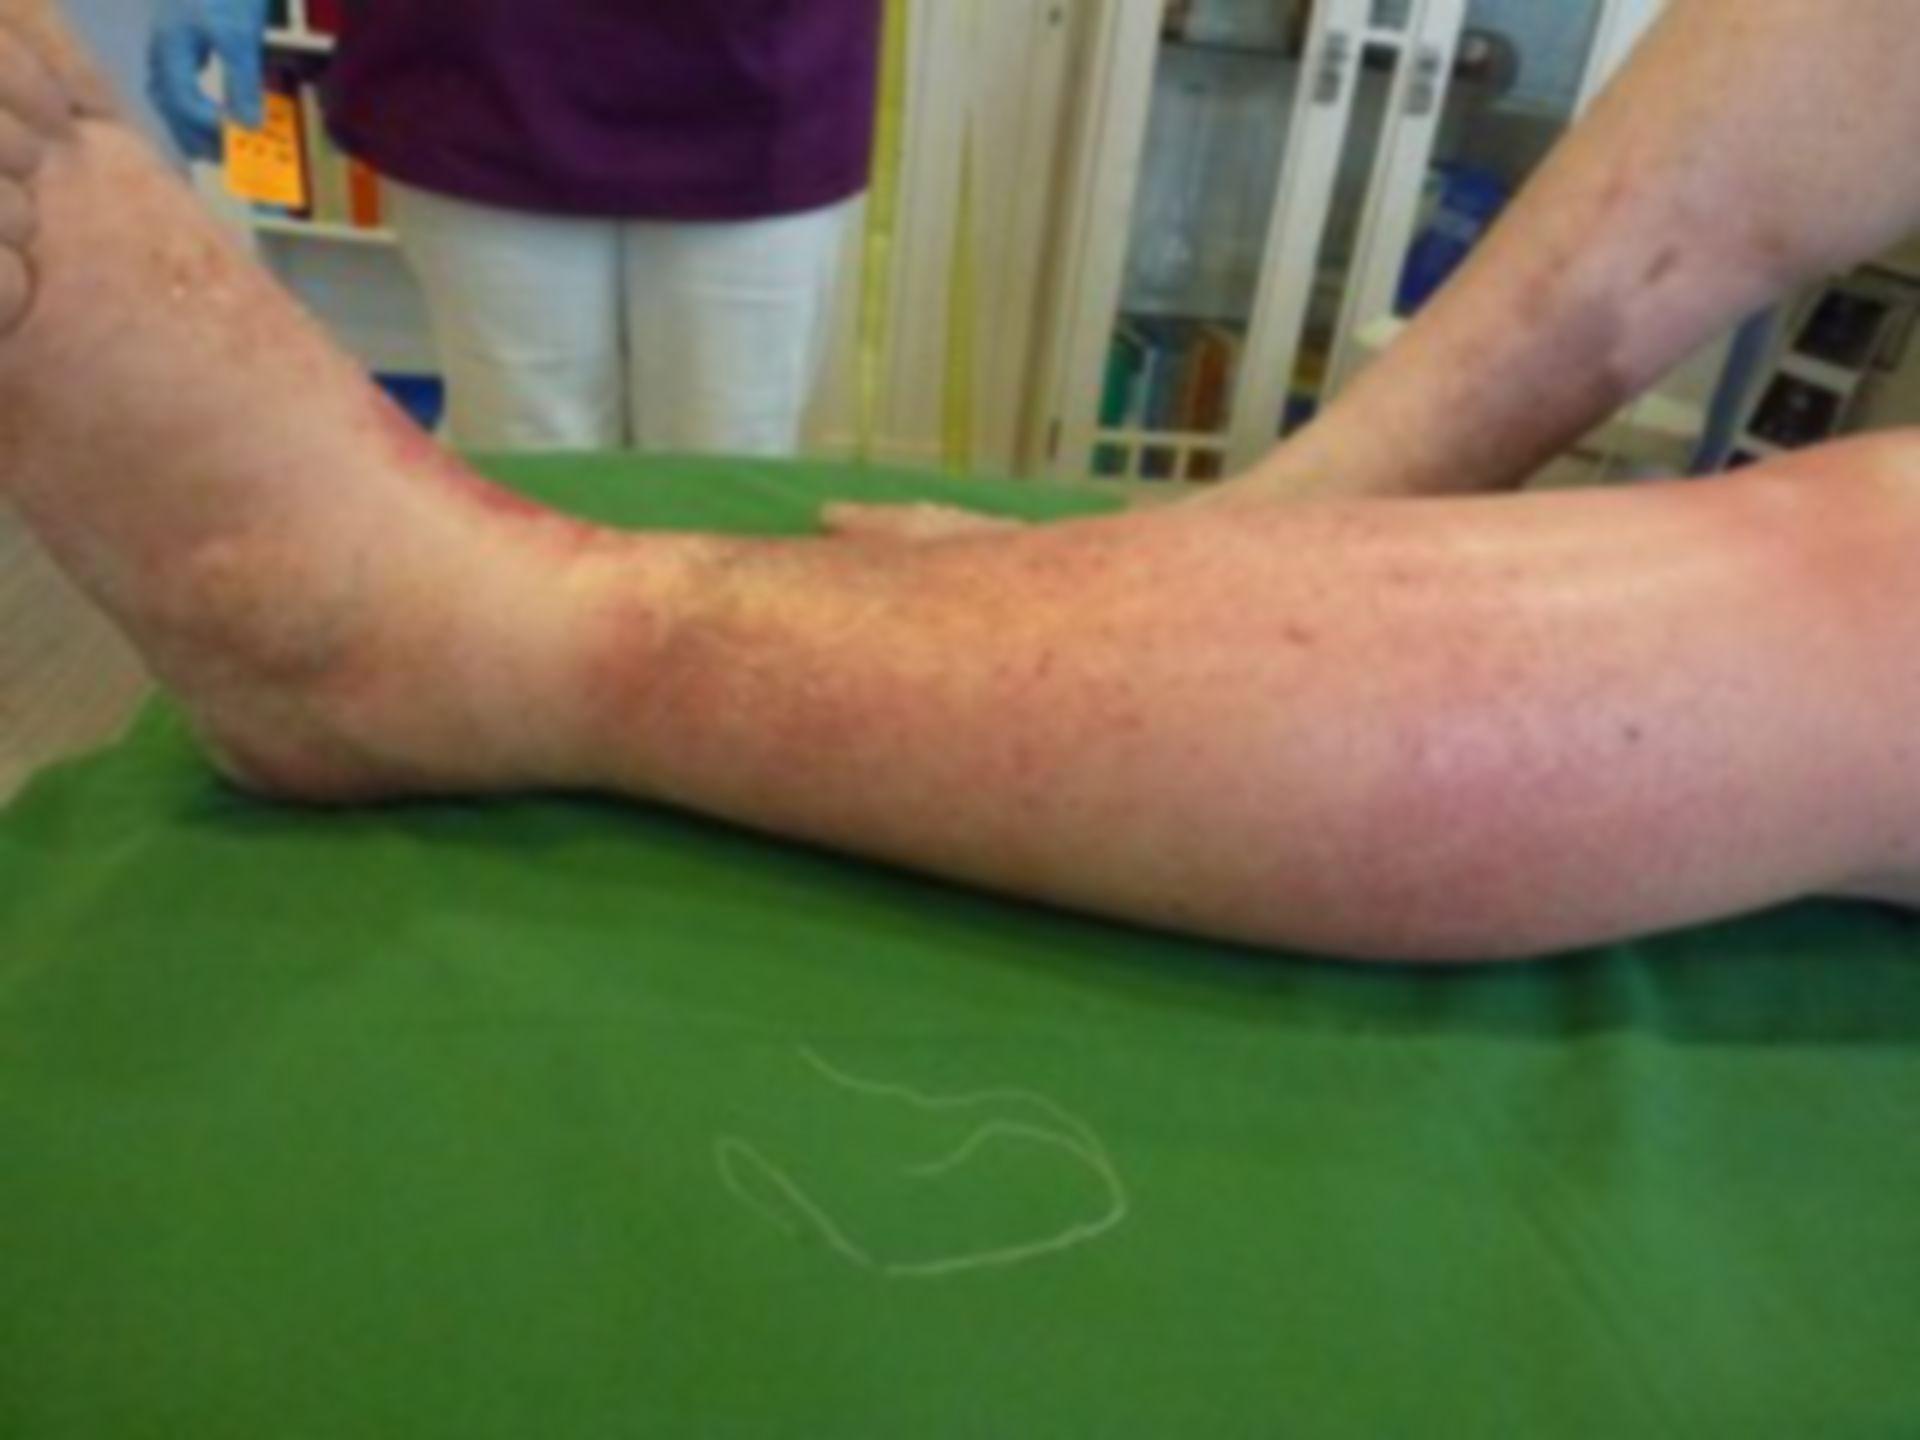 Úlcera de la pierna - Cerrada dentro de 72 horas (8)